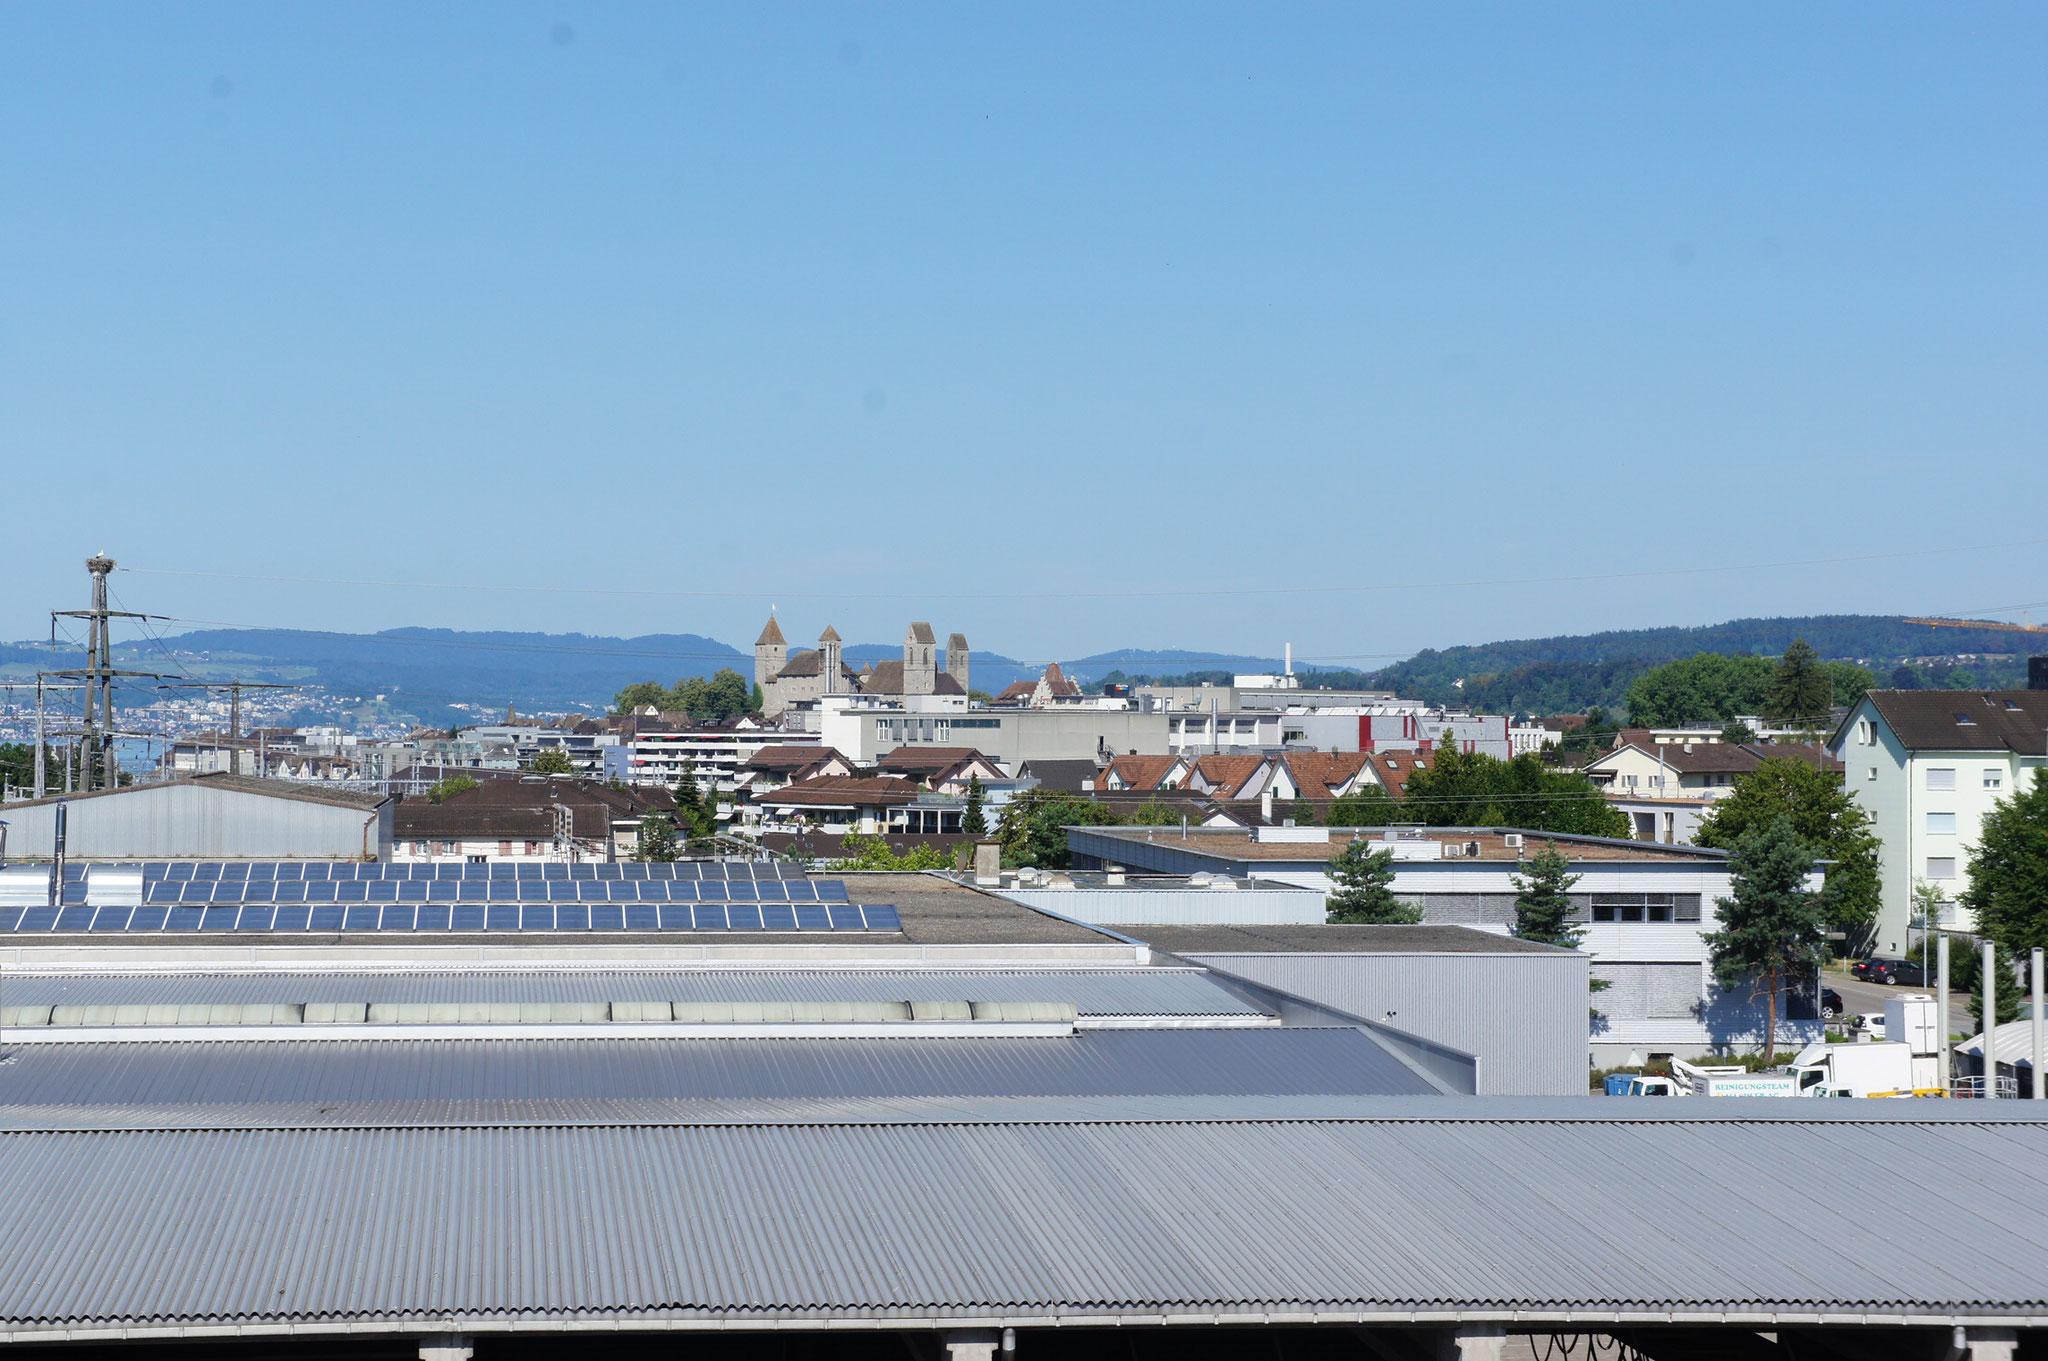 Aussicht auf Schloss Rapperswil